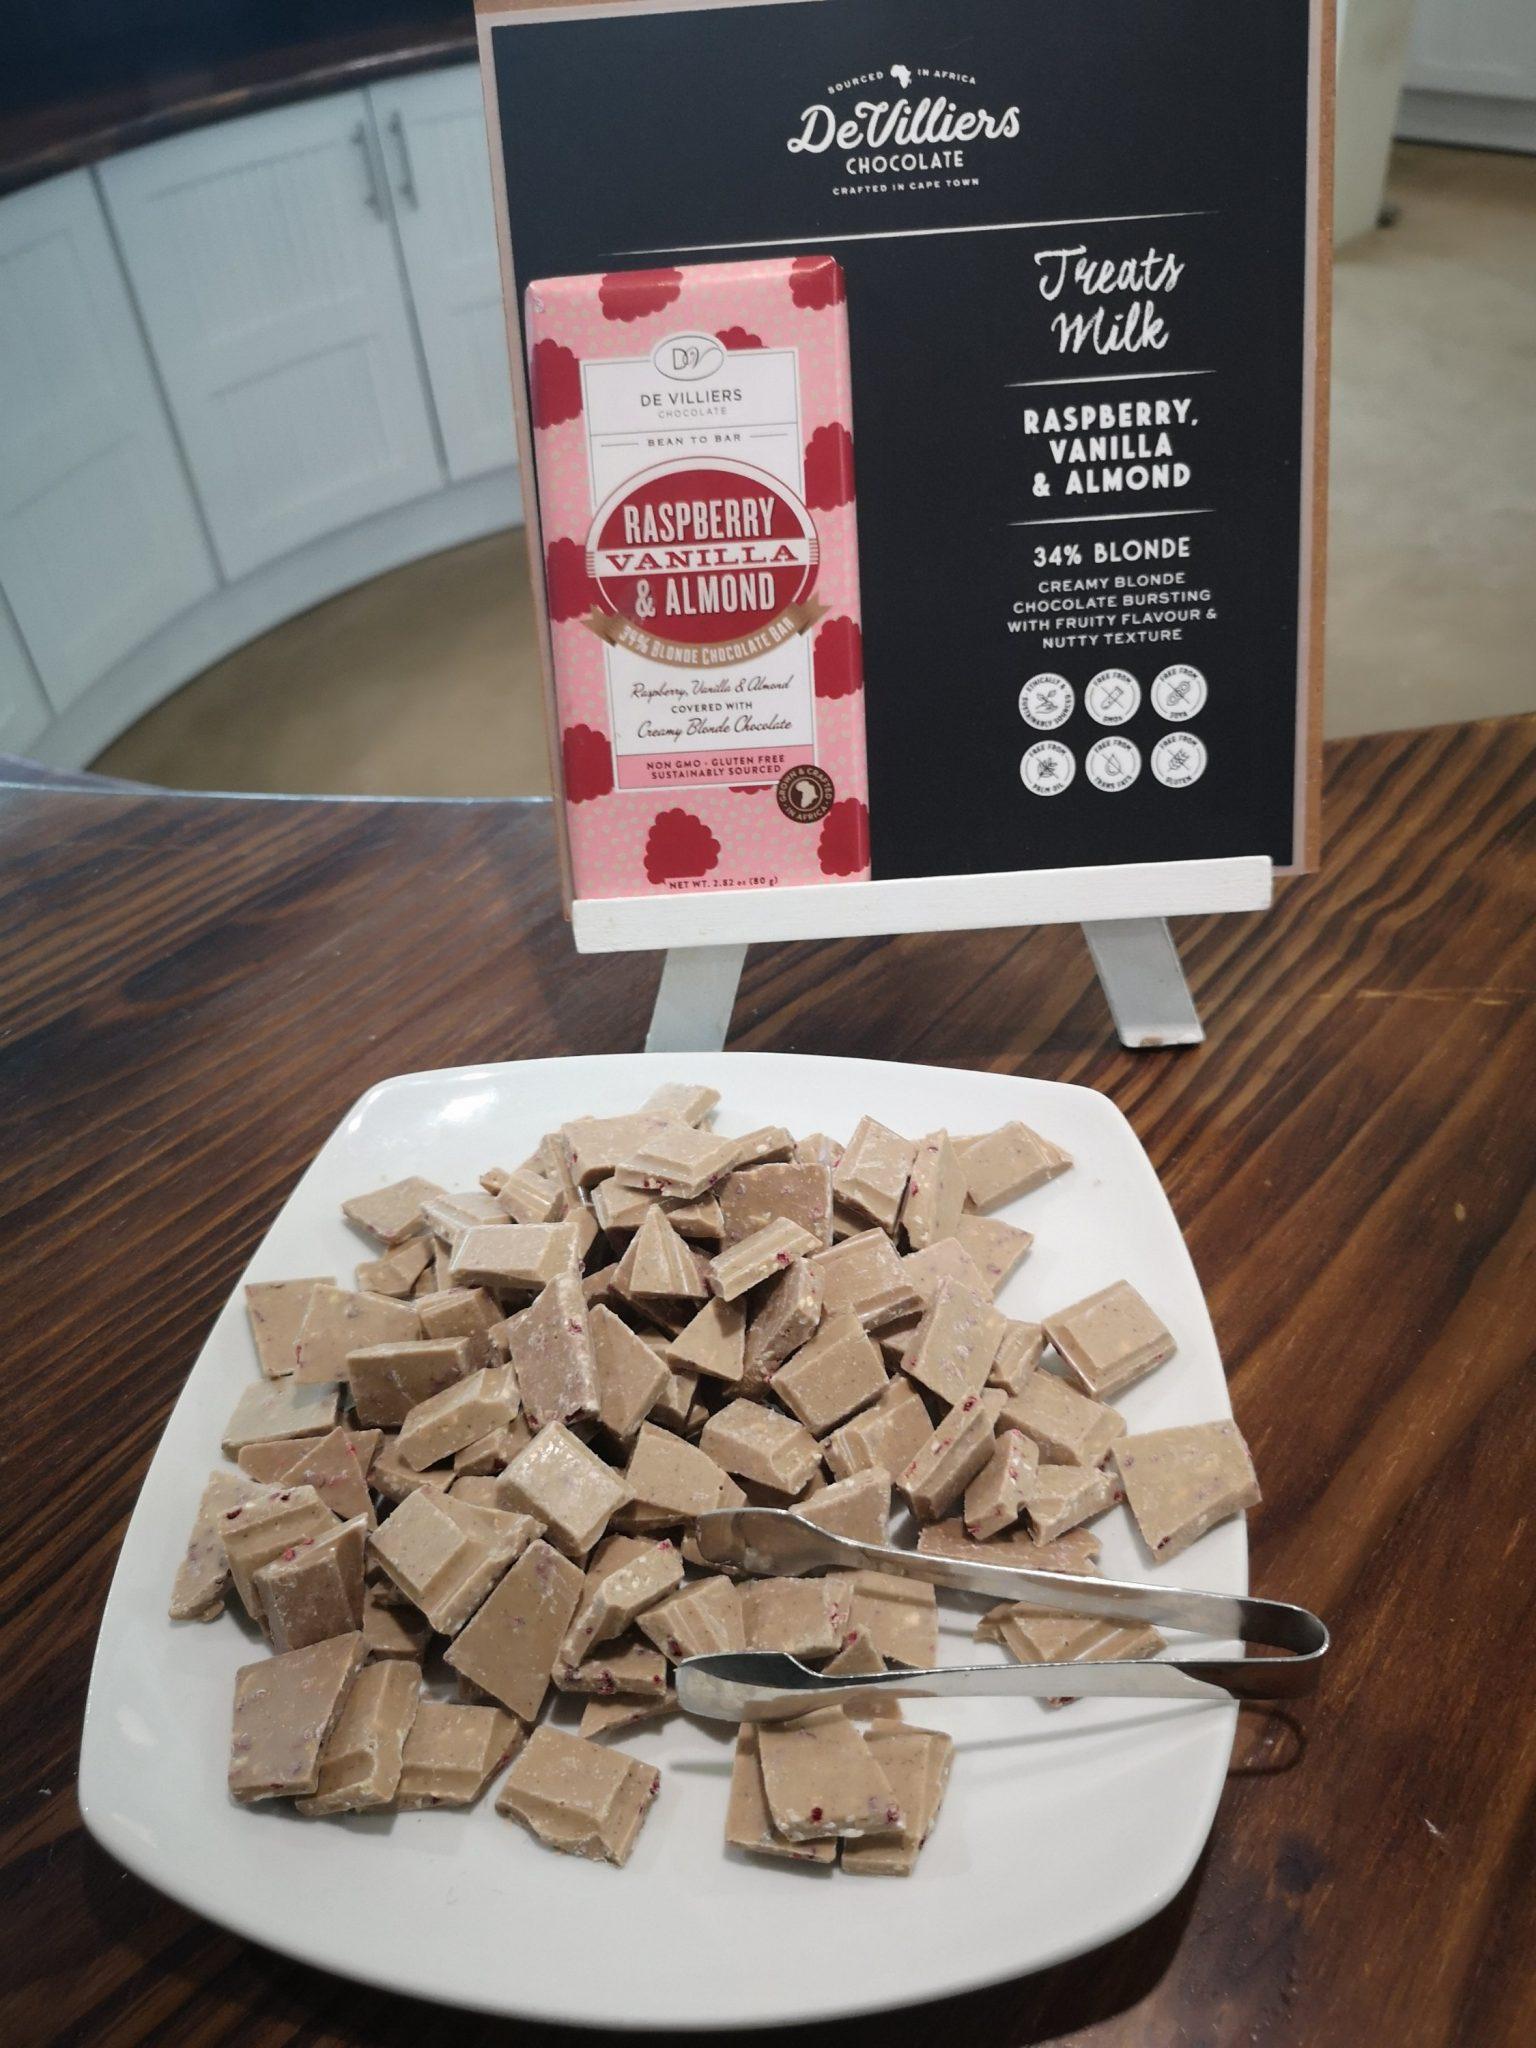 raspberry vanilla almond chocolate dv spice route sonia cabano